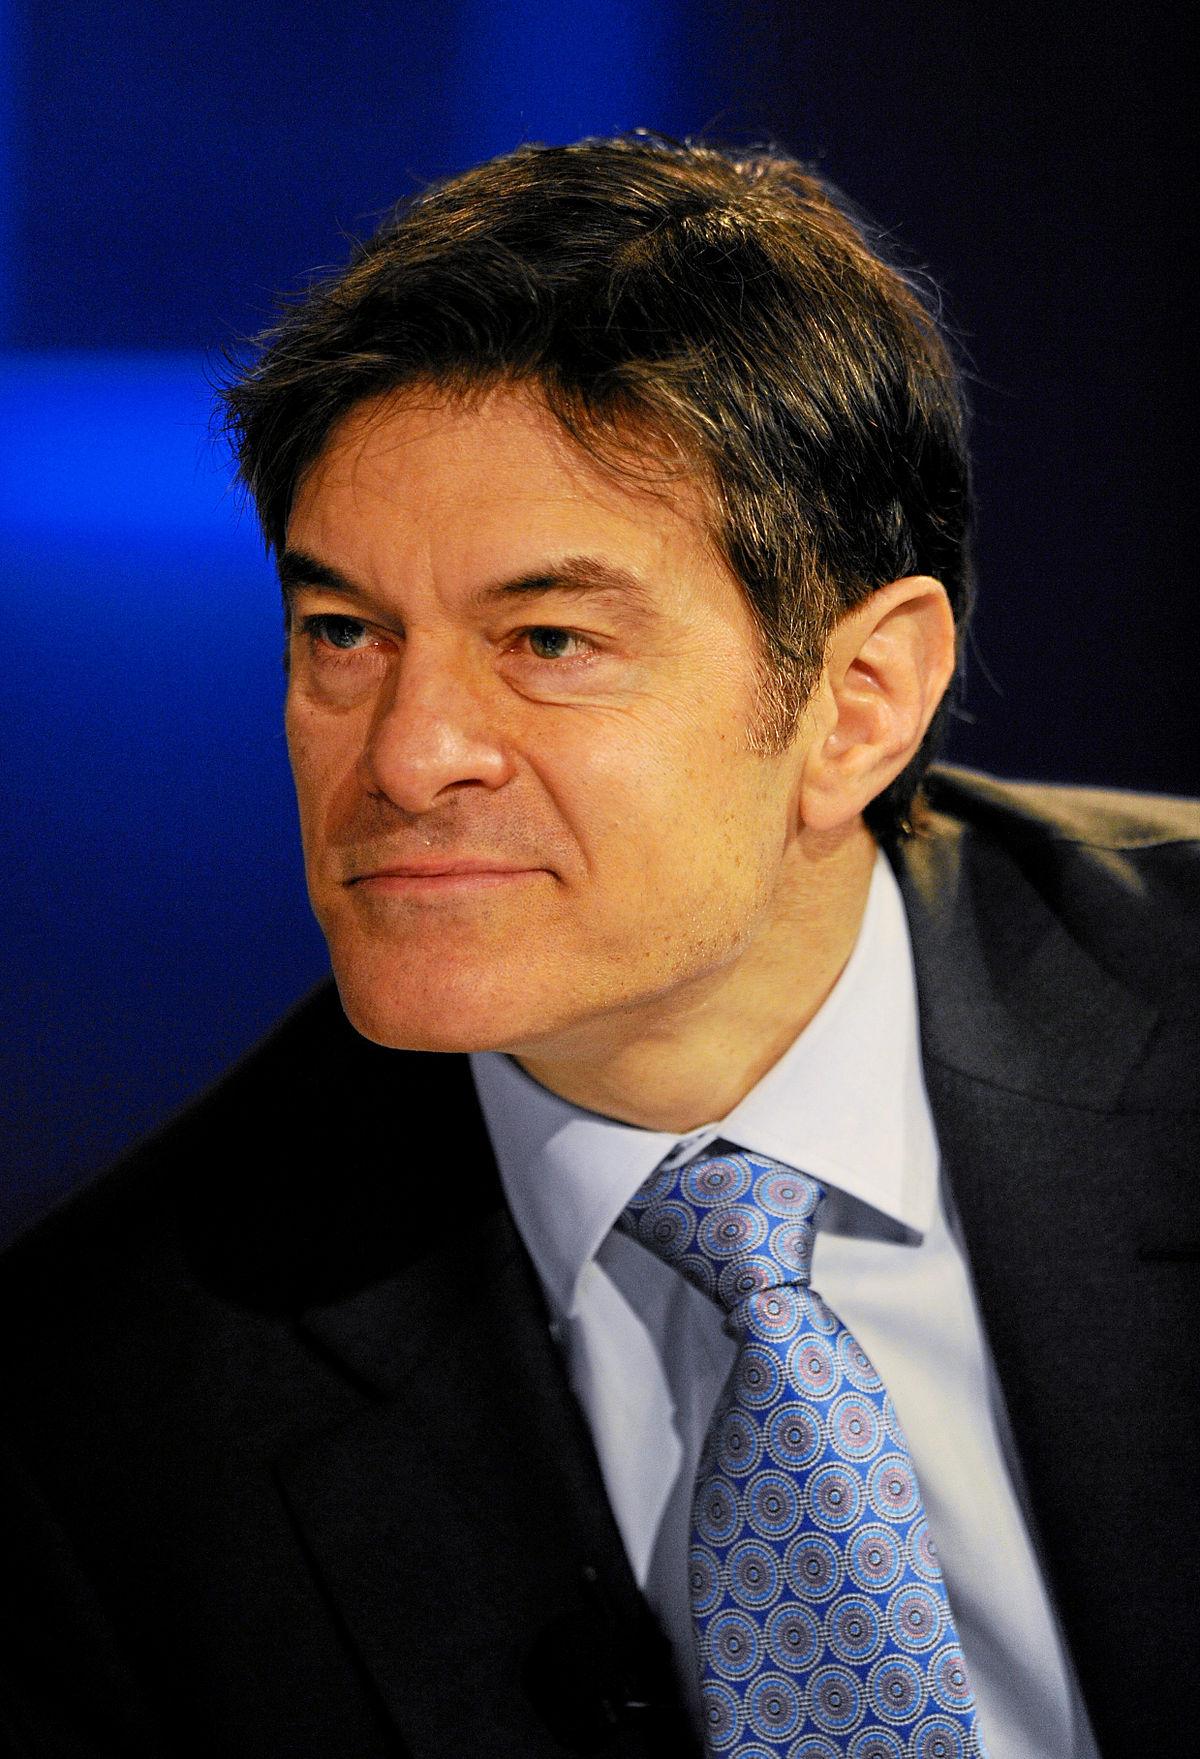 Mehmet Oz - Wikipedia